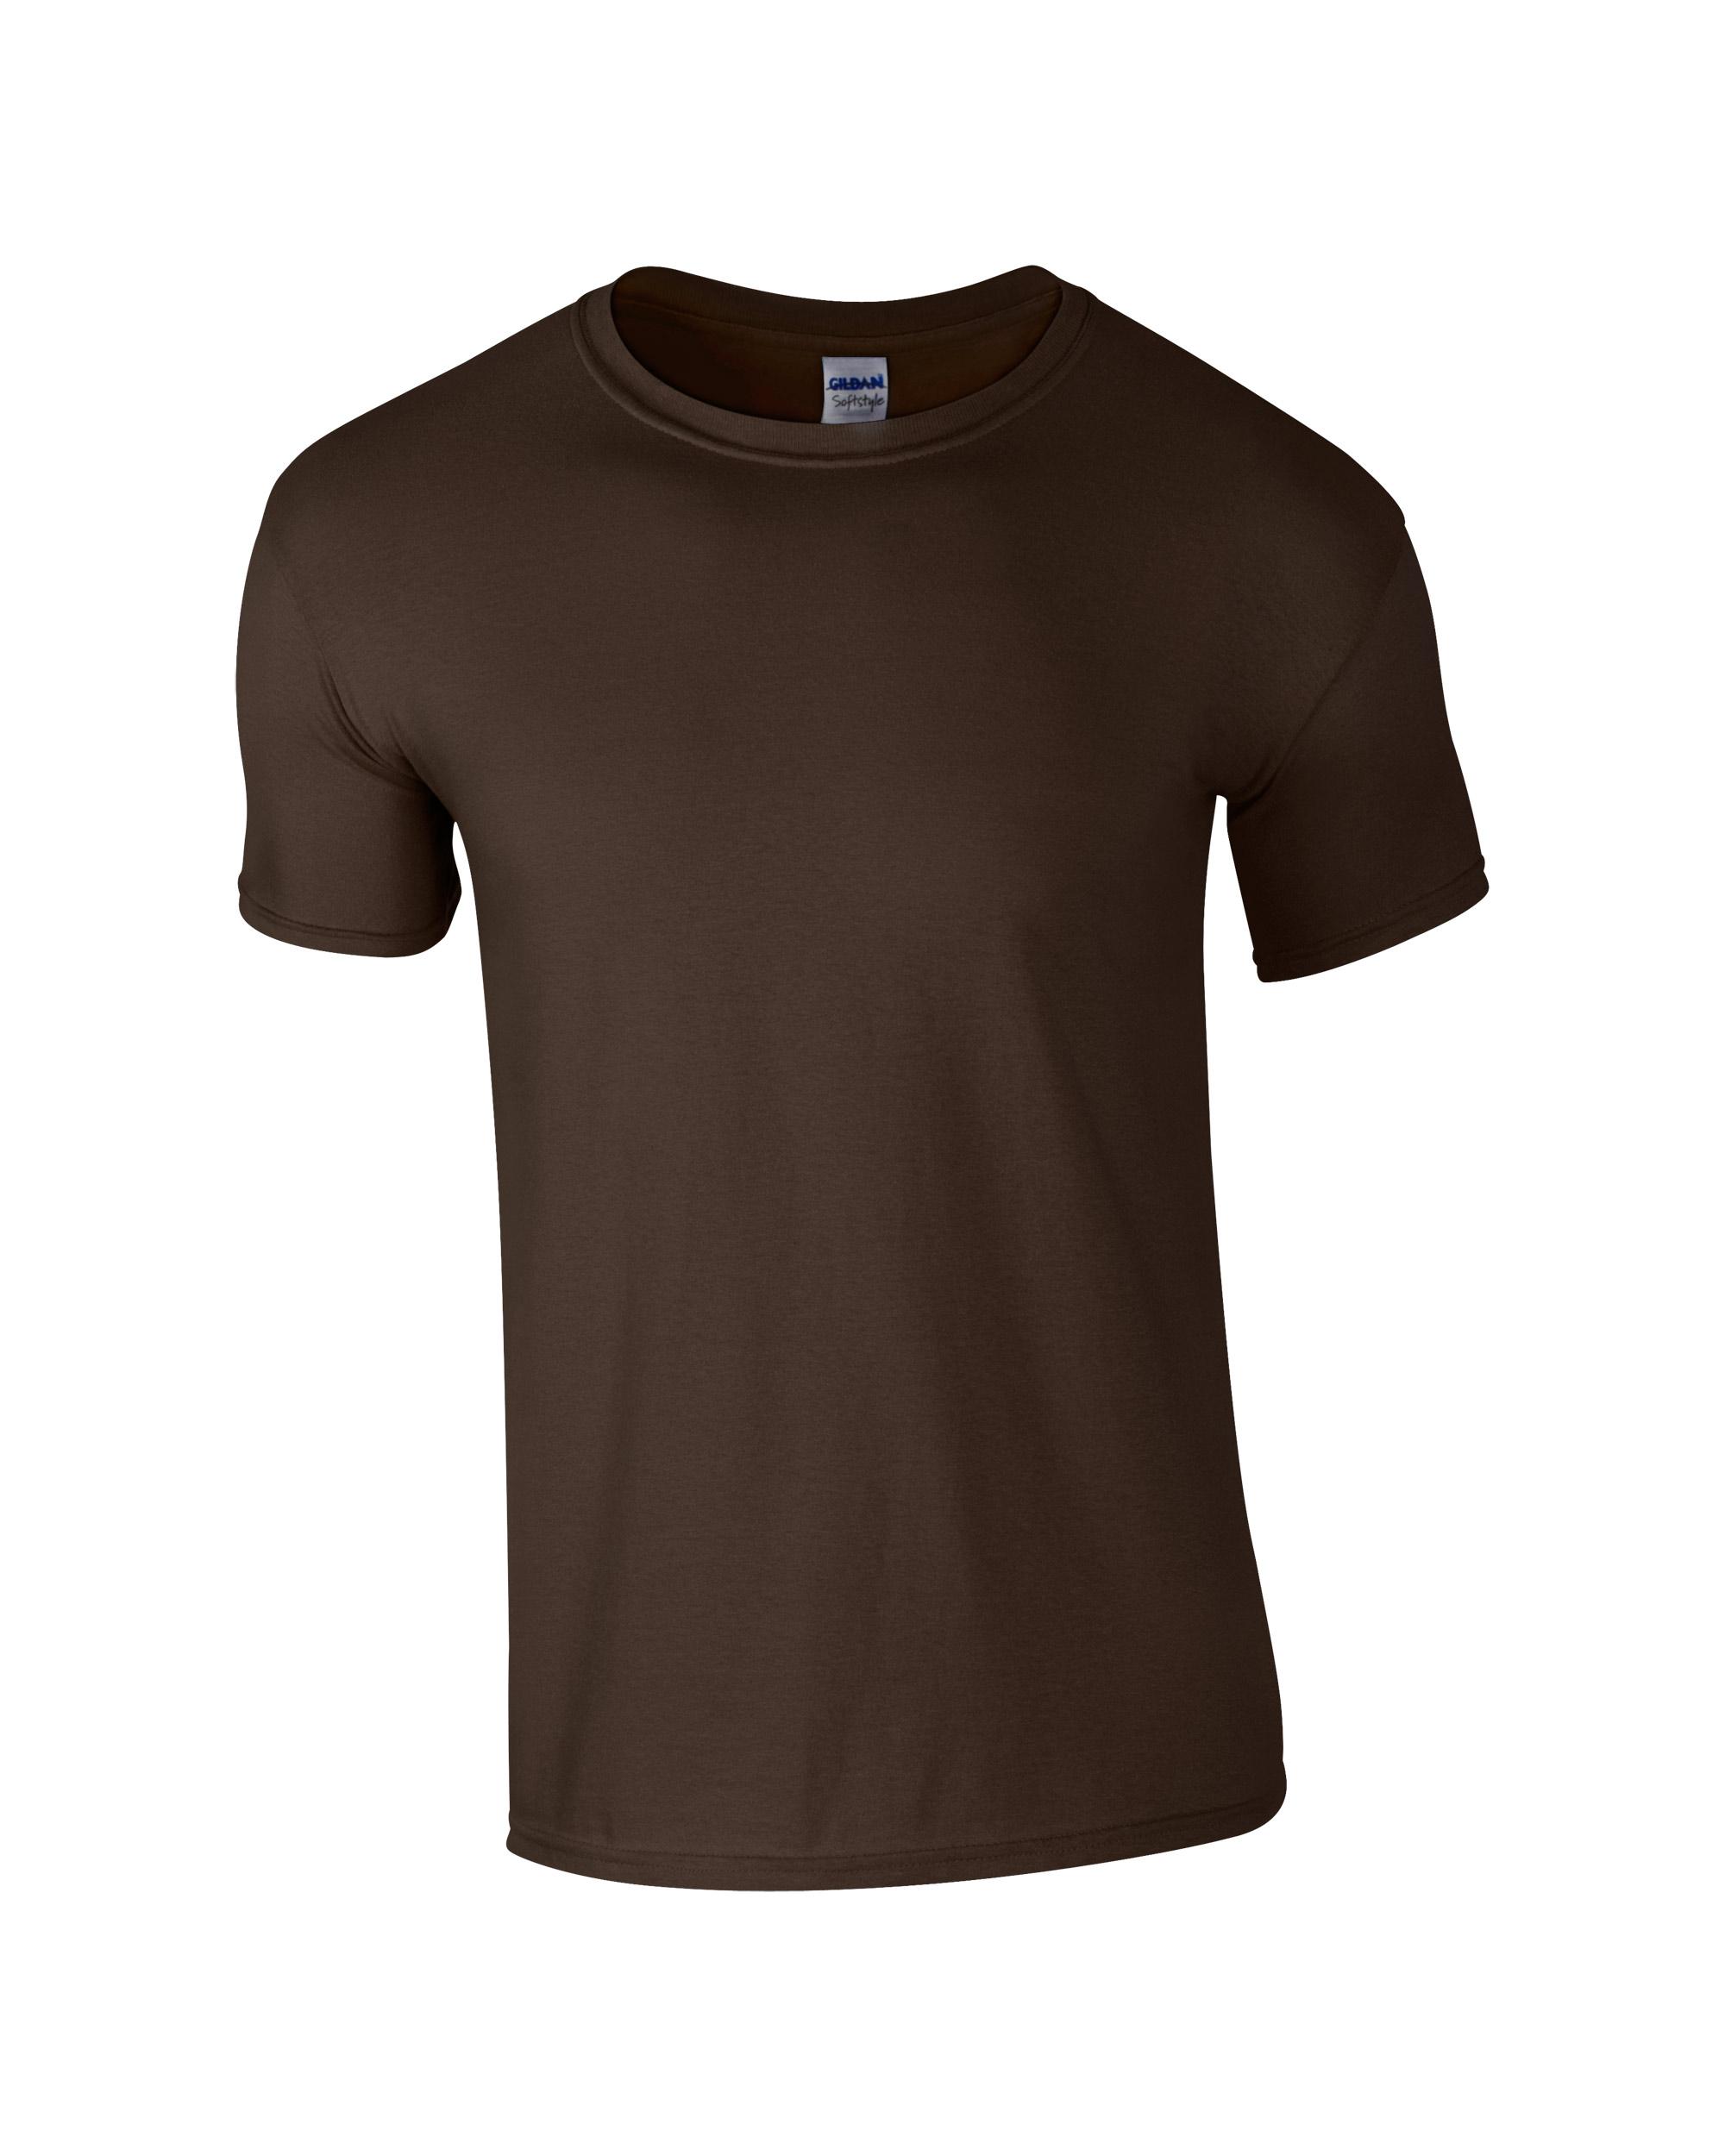 Majica kratki rukav T-shirt dark chocolate